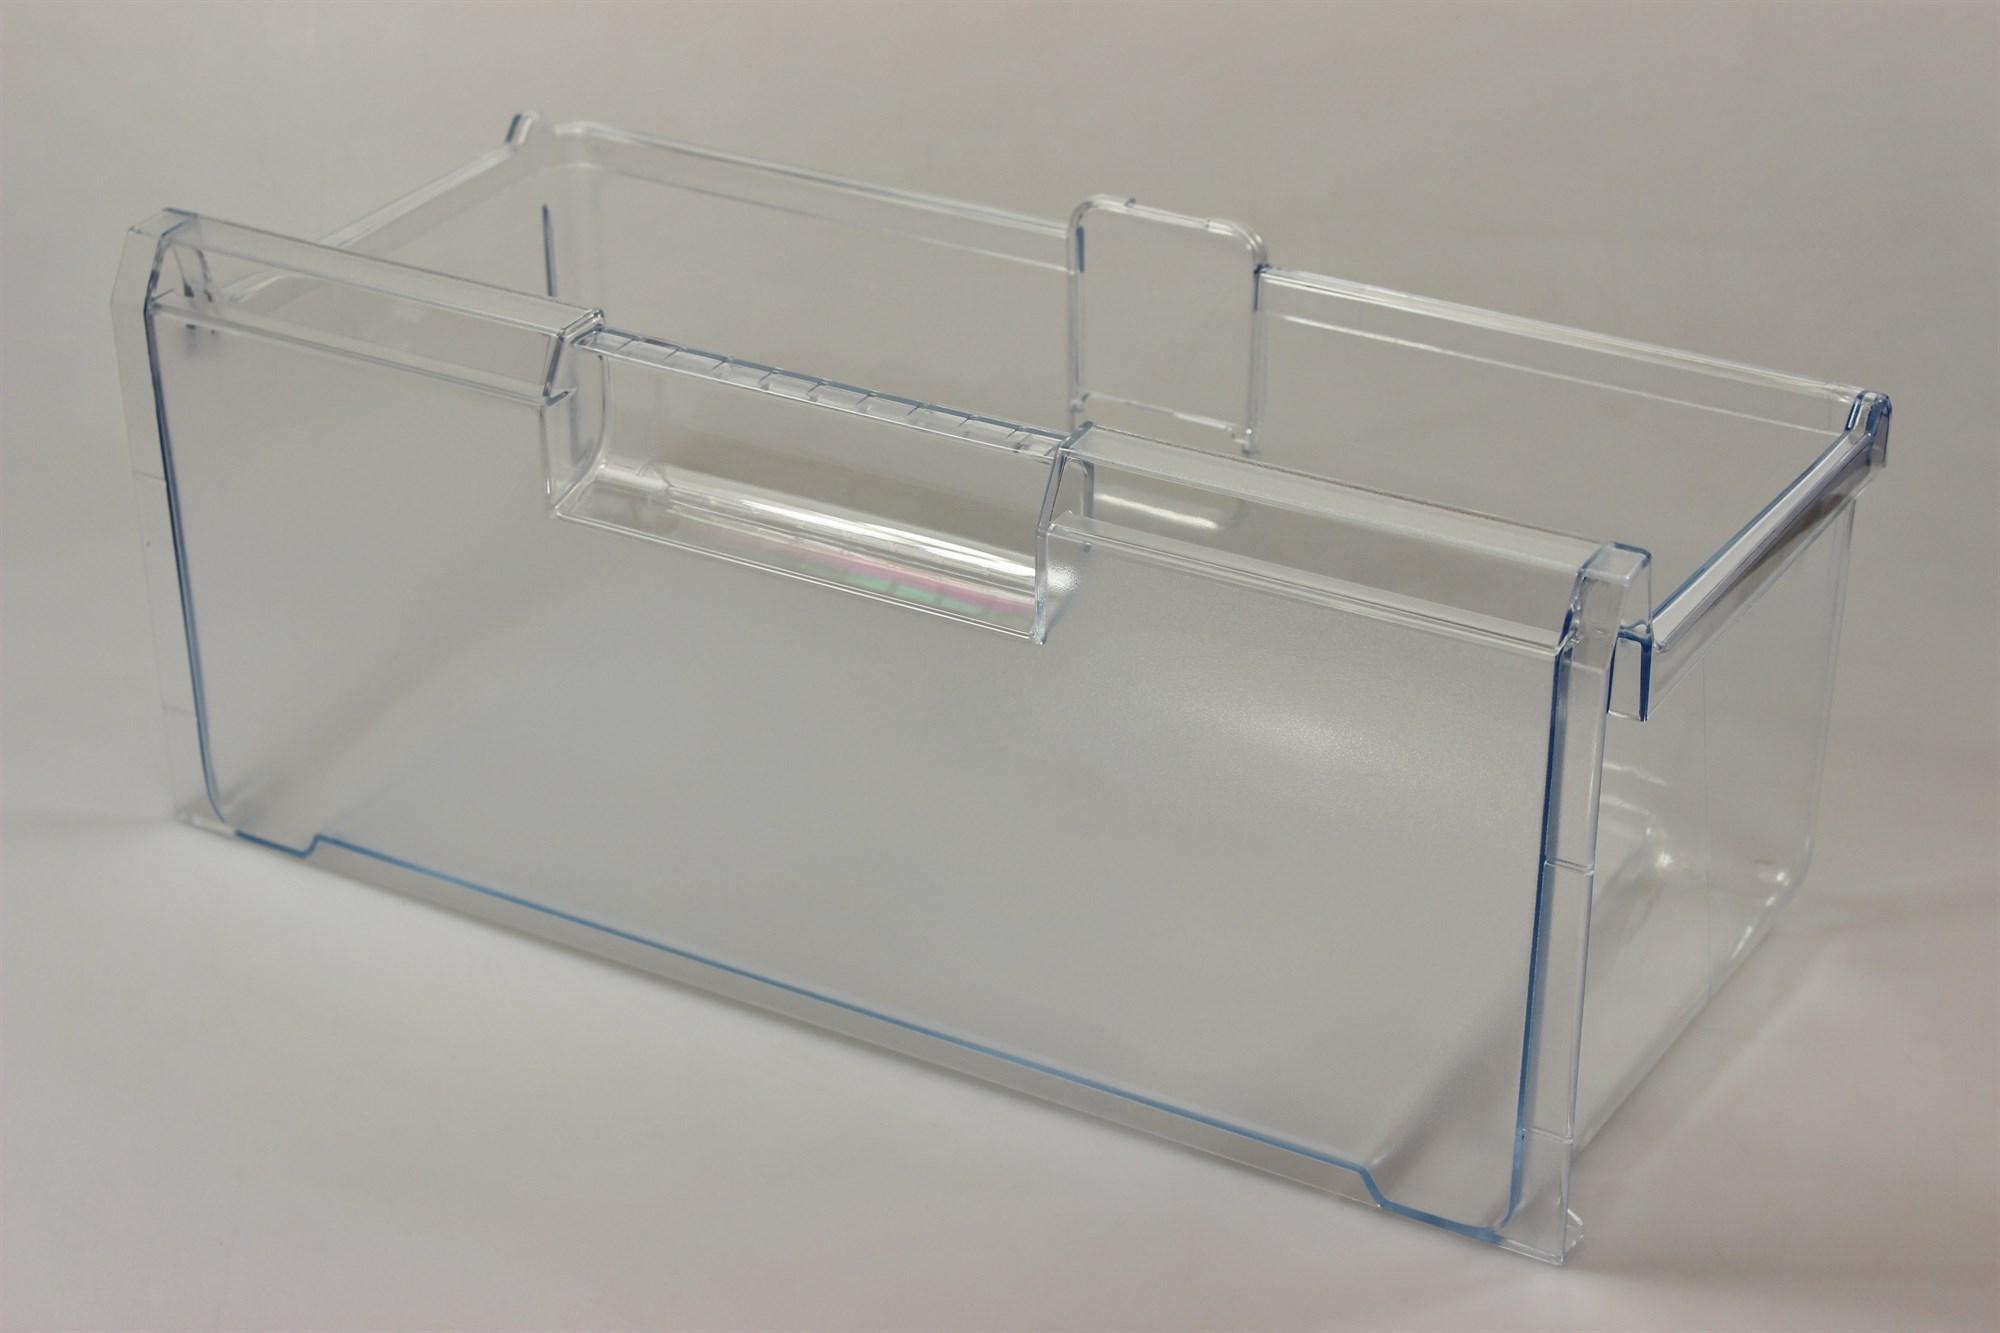 Siemens Kühlschrank Ersatzteile Gefrierfach : Gefrierschublade siemens kühl gefrierschrank